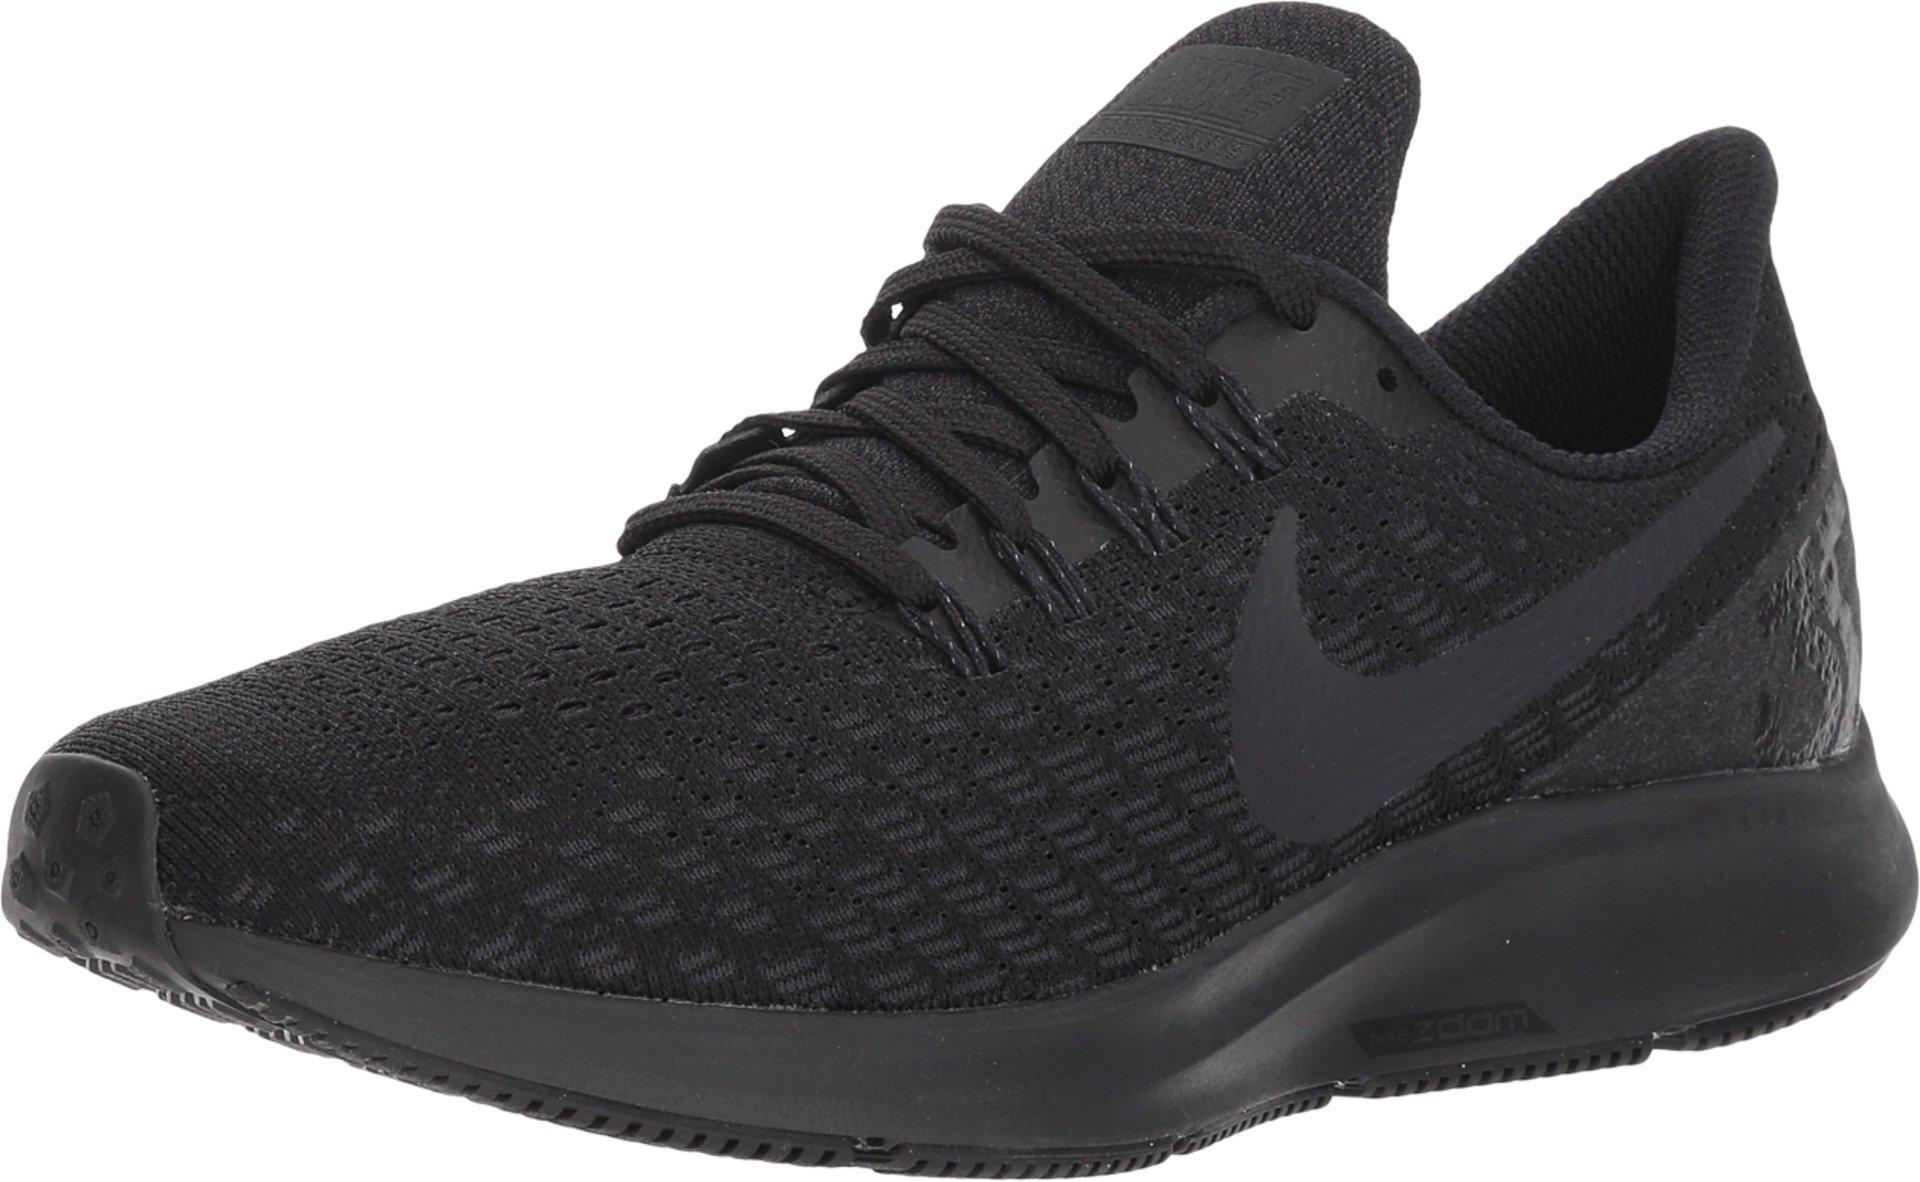 Nike Women's Zoom Pegasus 35 Running Shoe Black/Oil Grey/White Size 9 M US